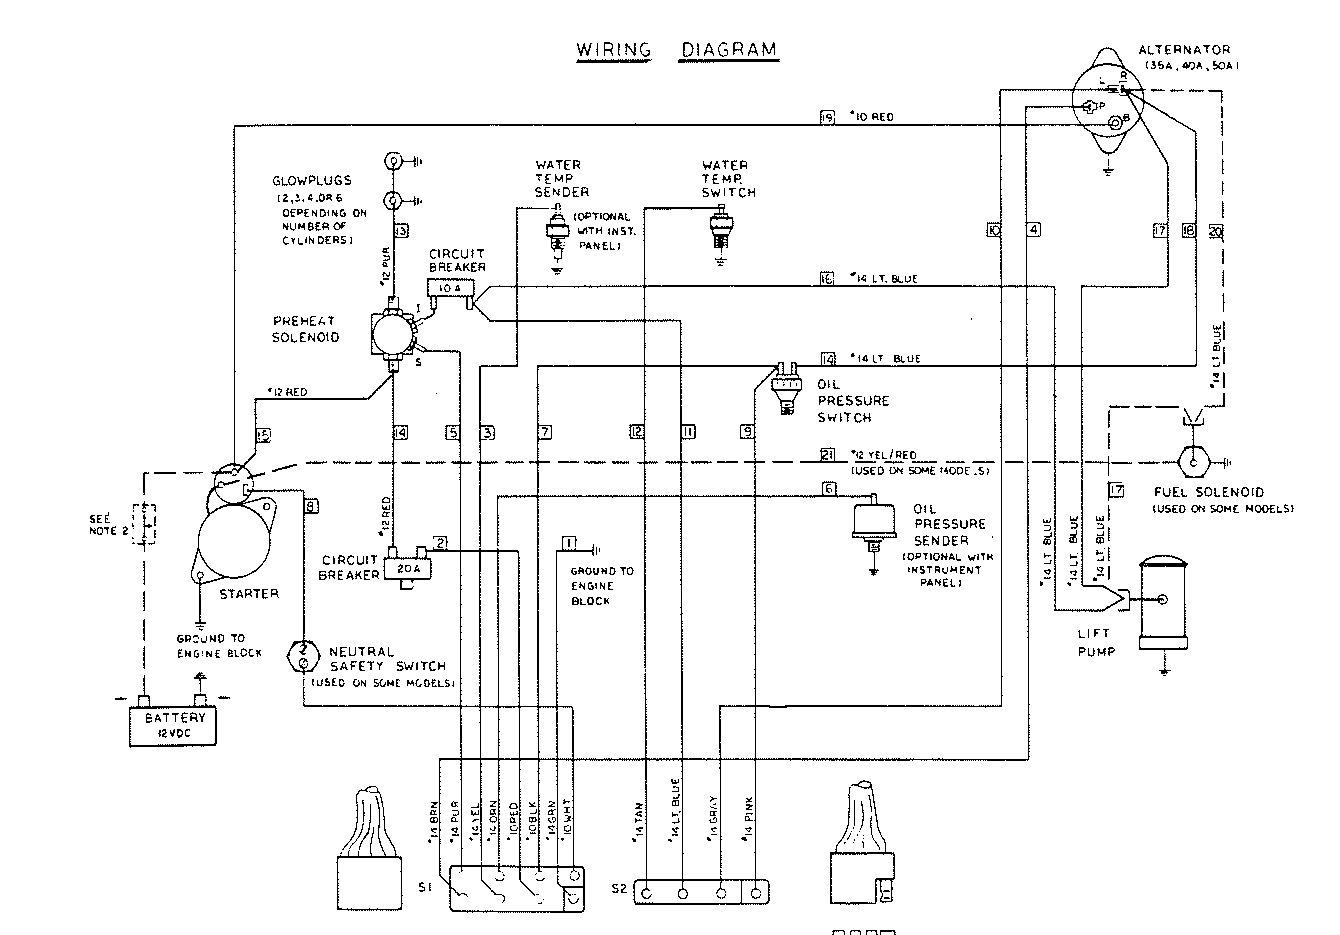 westerbeke wiring diagram